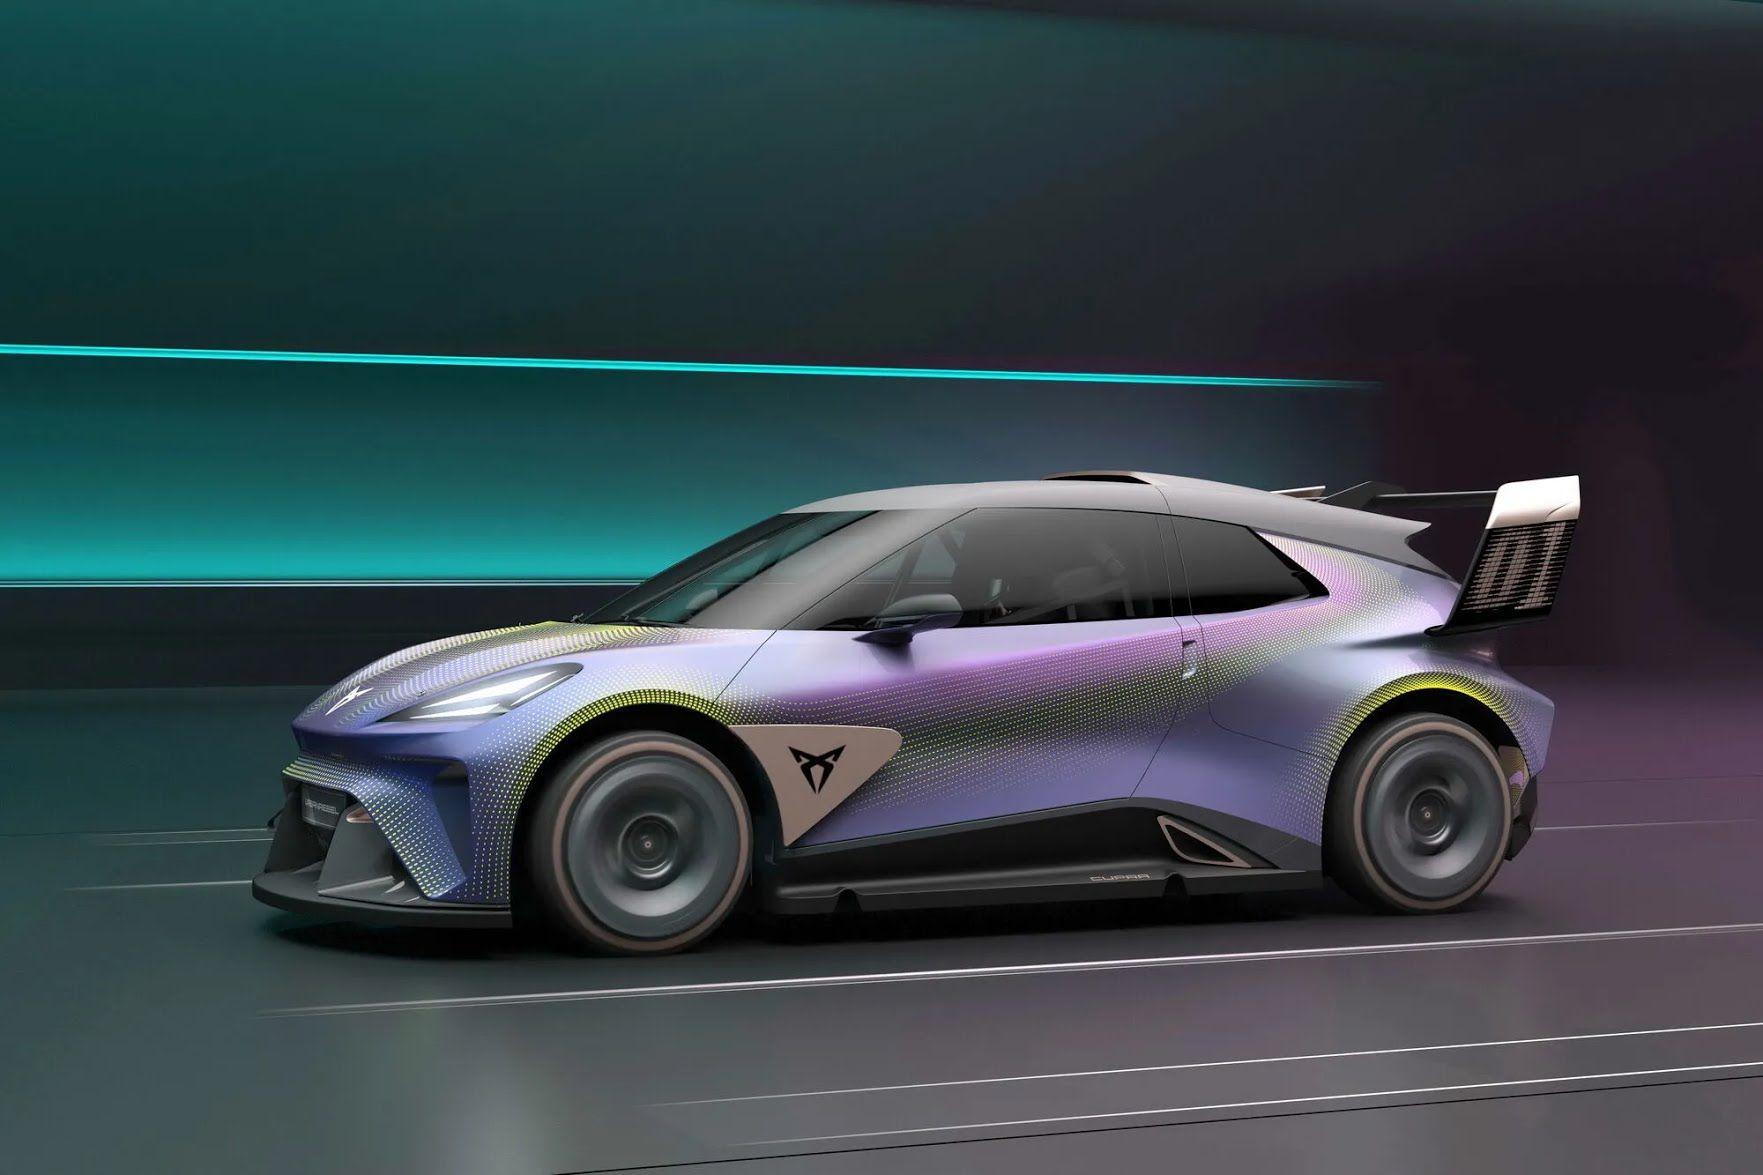 Автомобиль позволяет получить первое впечатление о новой модели на электротяге, дебют которой запланирован на 2025 год